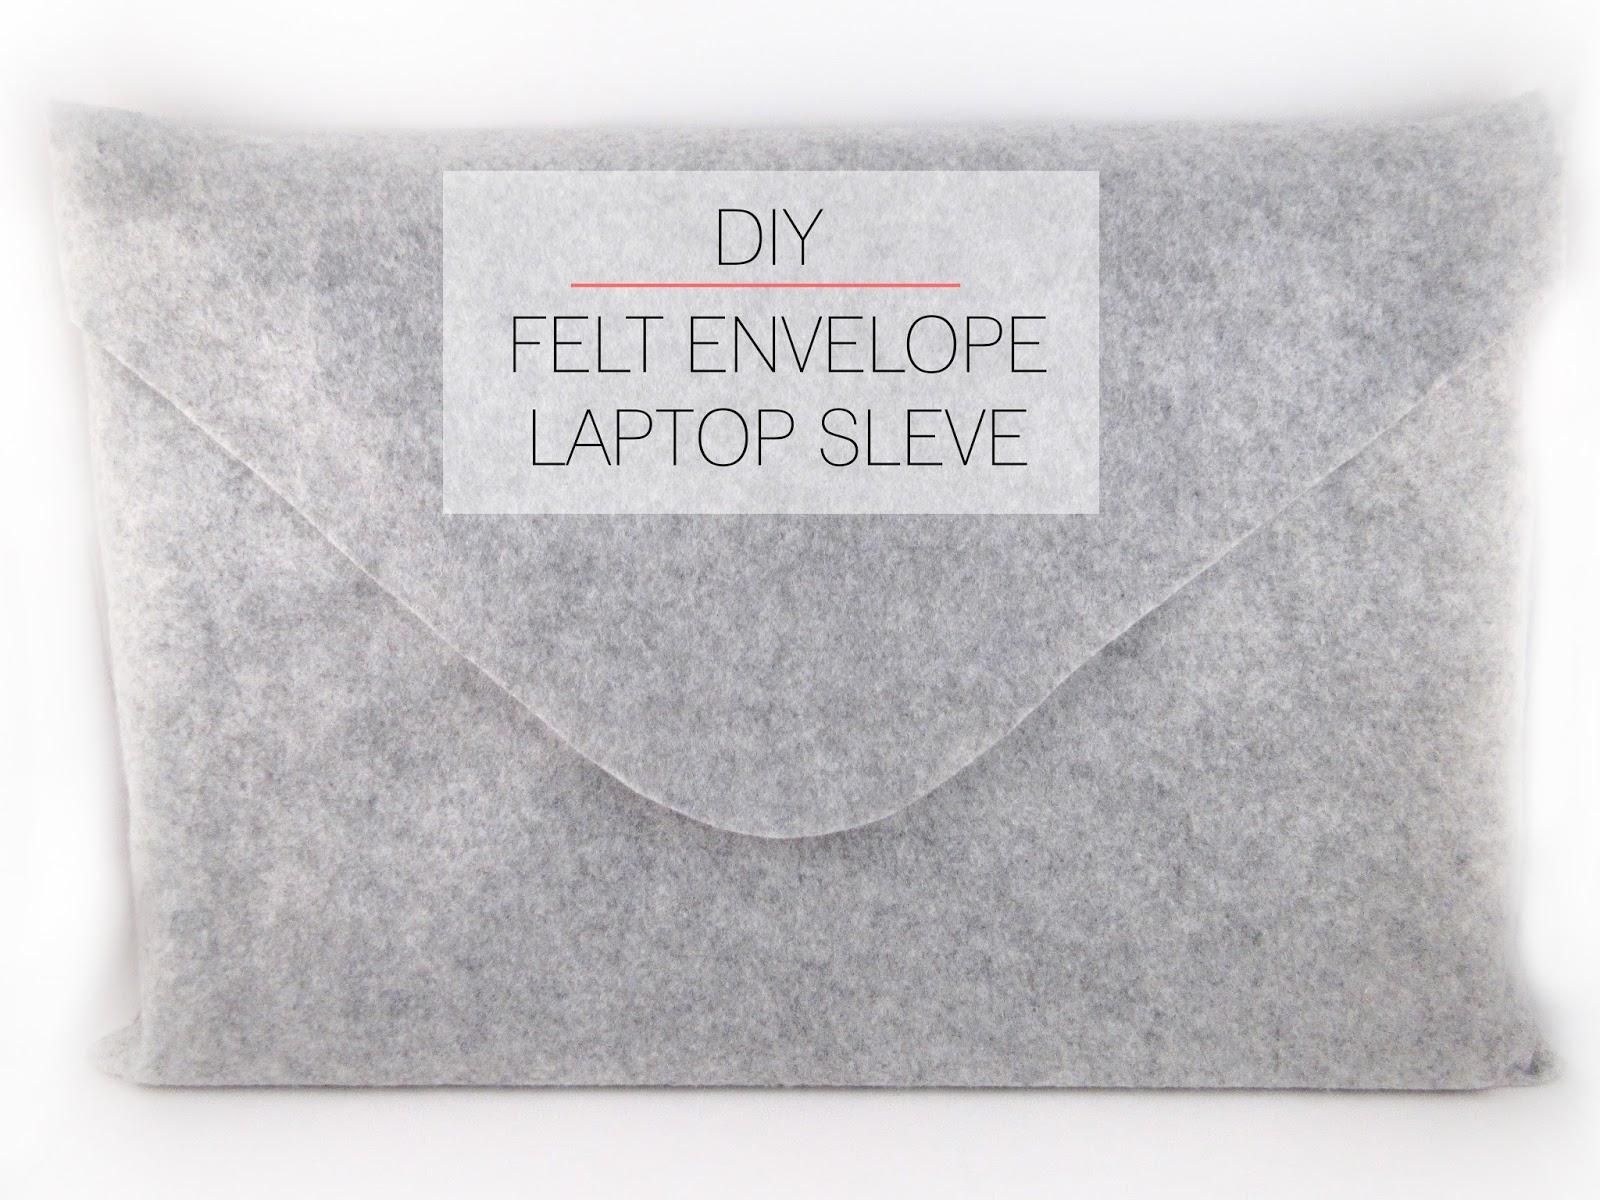 cafe_craftea_diy_felt_envelope_laptop_sleeve_title